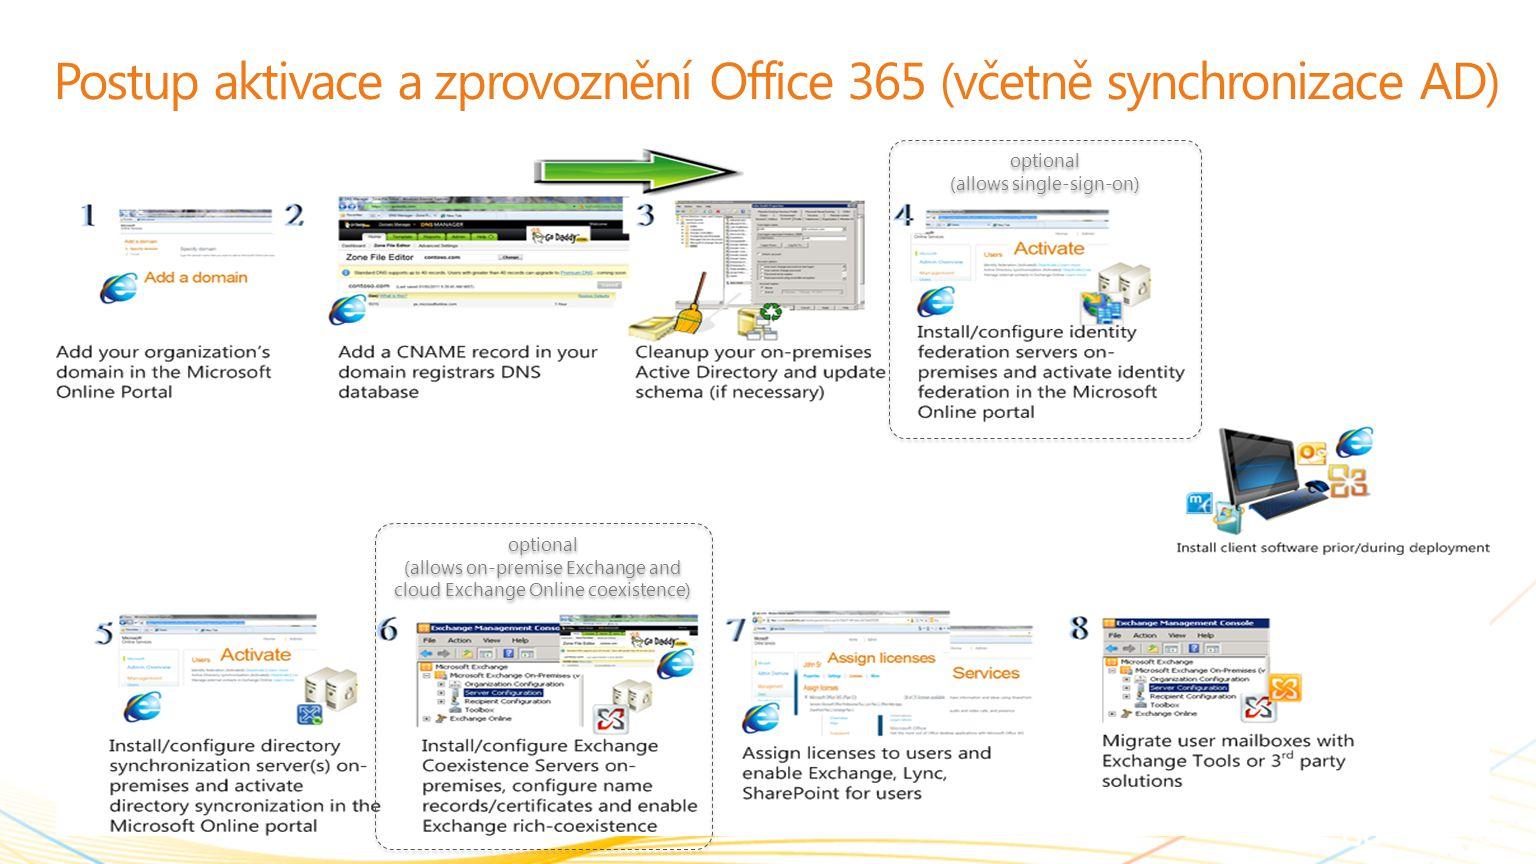 Postup aktivace a zprovoznění Office 365 (včetně synchronizace AD)